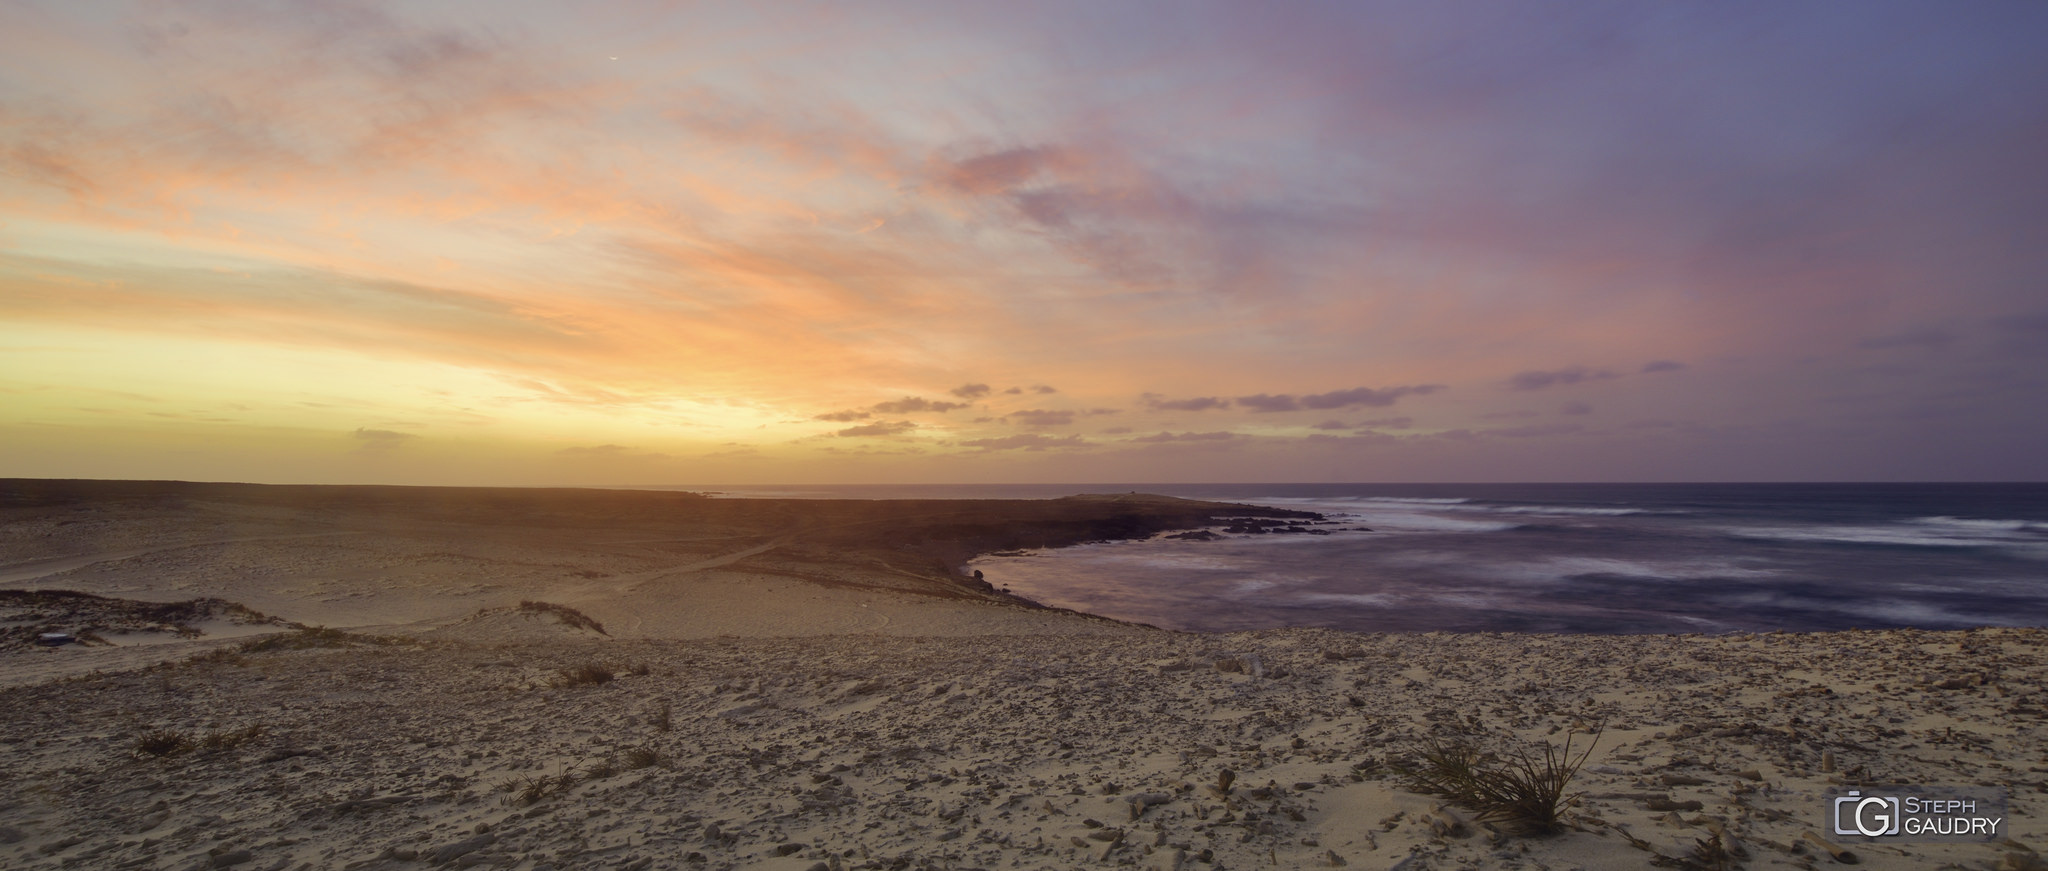 Coucher de soleil sur les plages de Morro de Areia [Click to start slideshow]